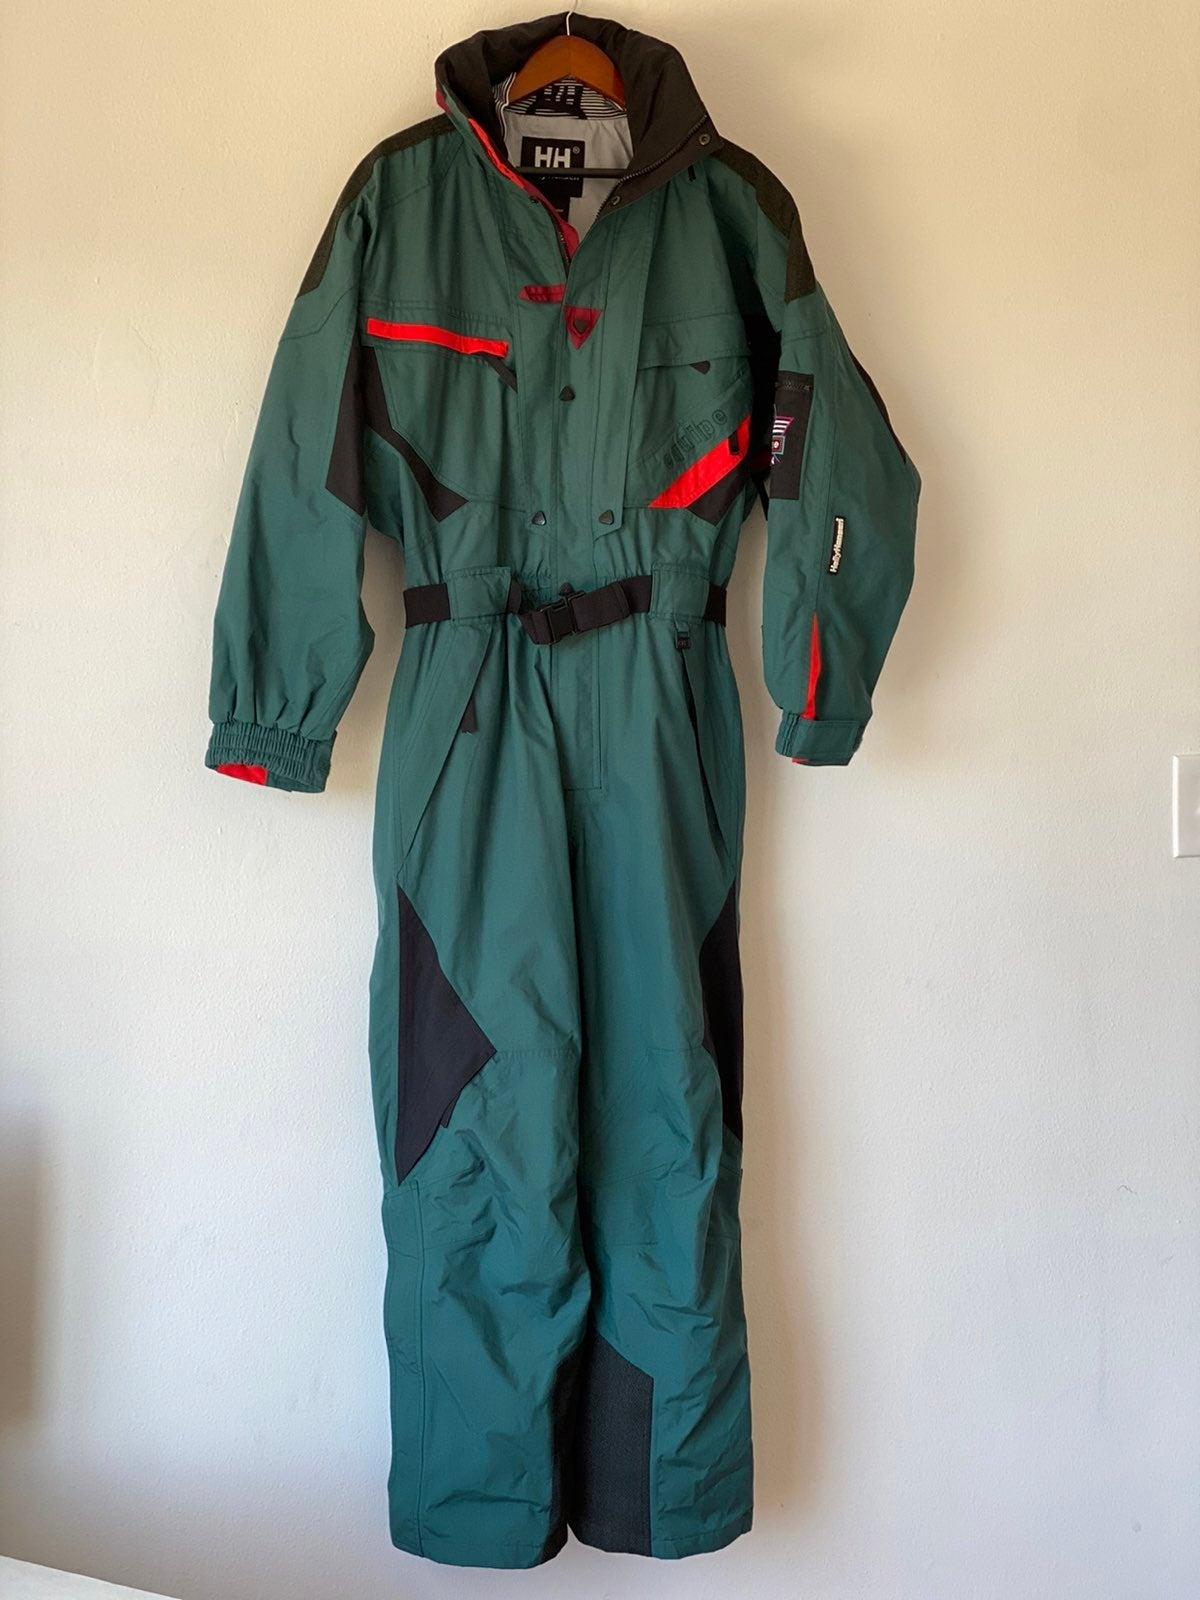 Vintage 90s Helly Hansen Equipe Ski Suit